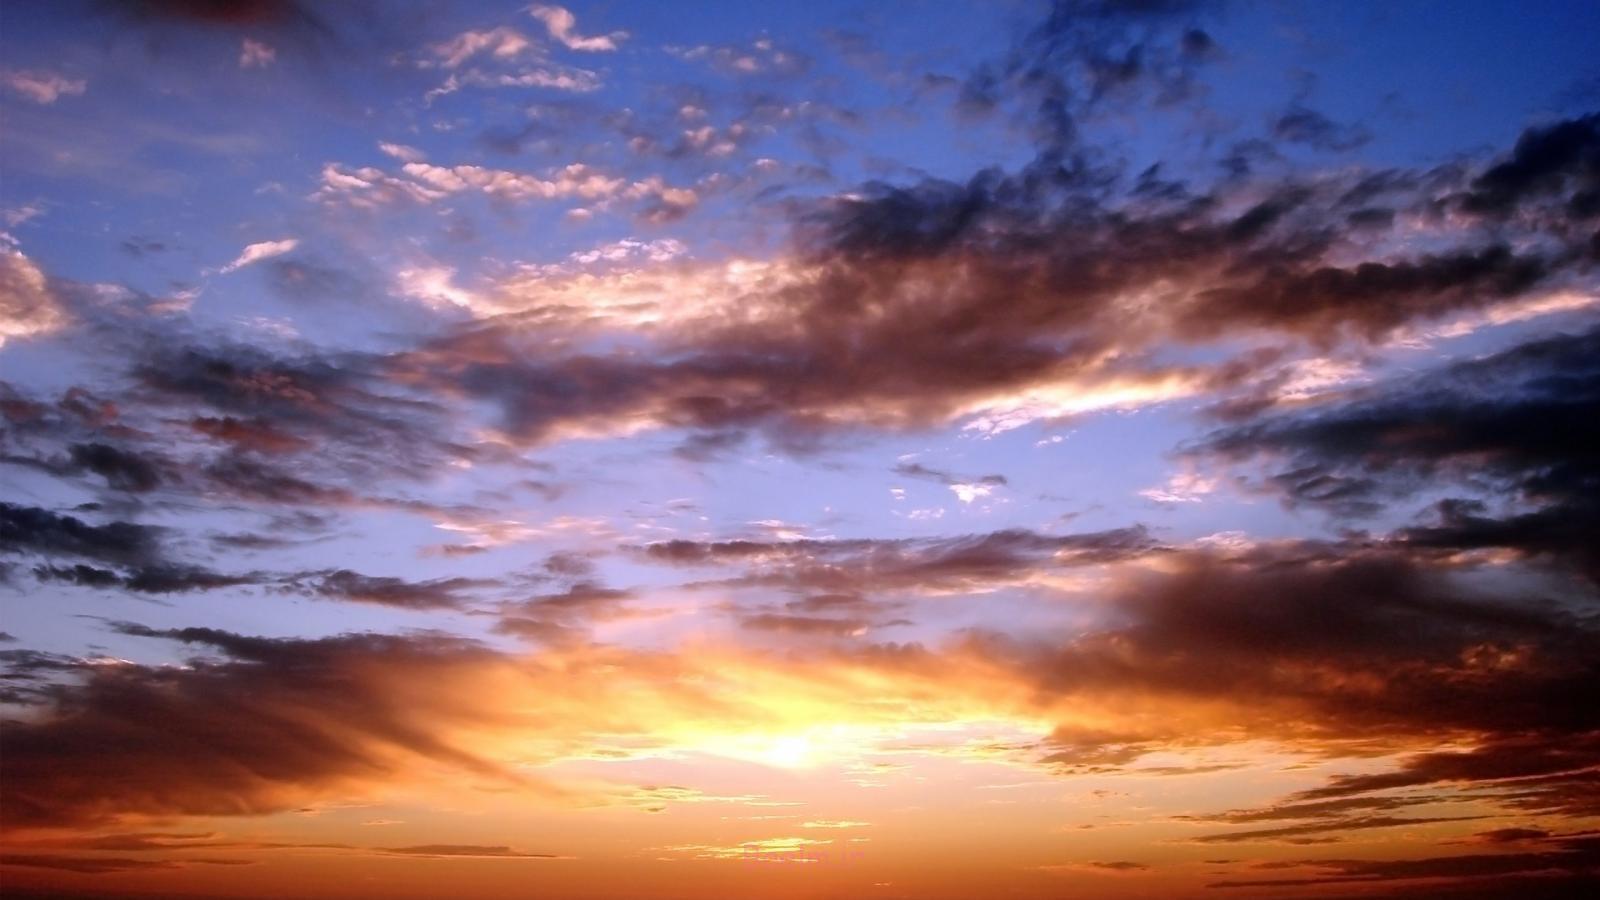 تعبیر دیدن آسمان ، پرواز به آسمان ، نگاه کردن به آسمان در خواب